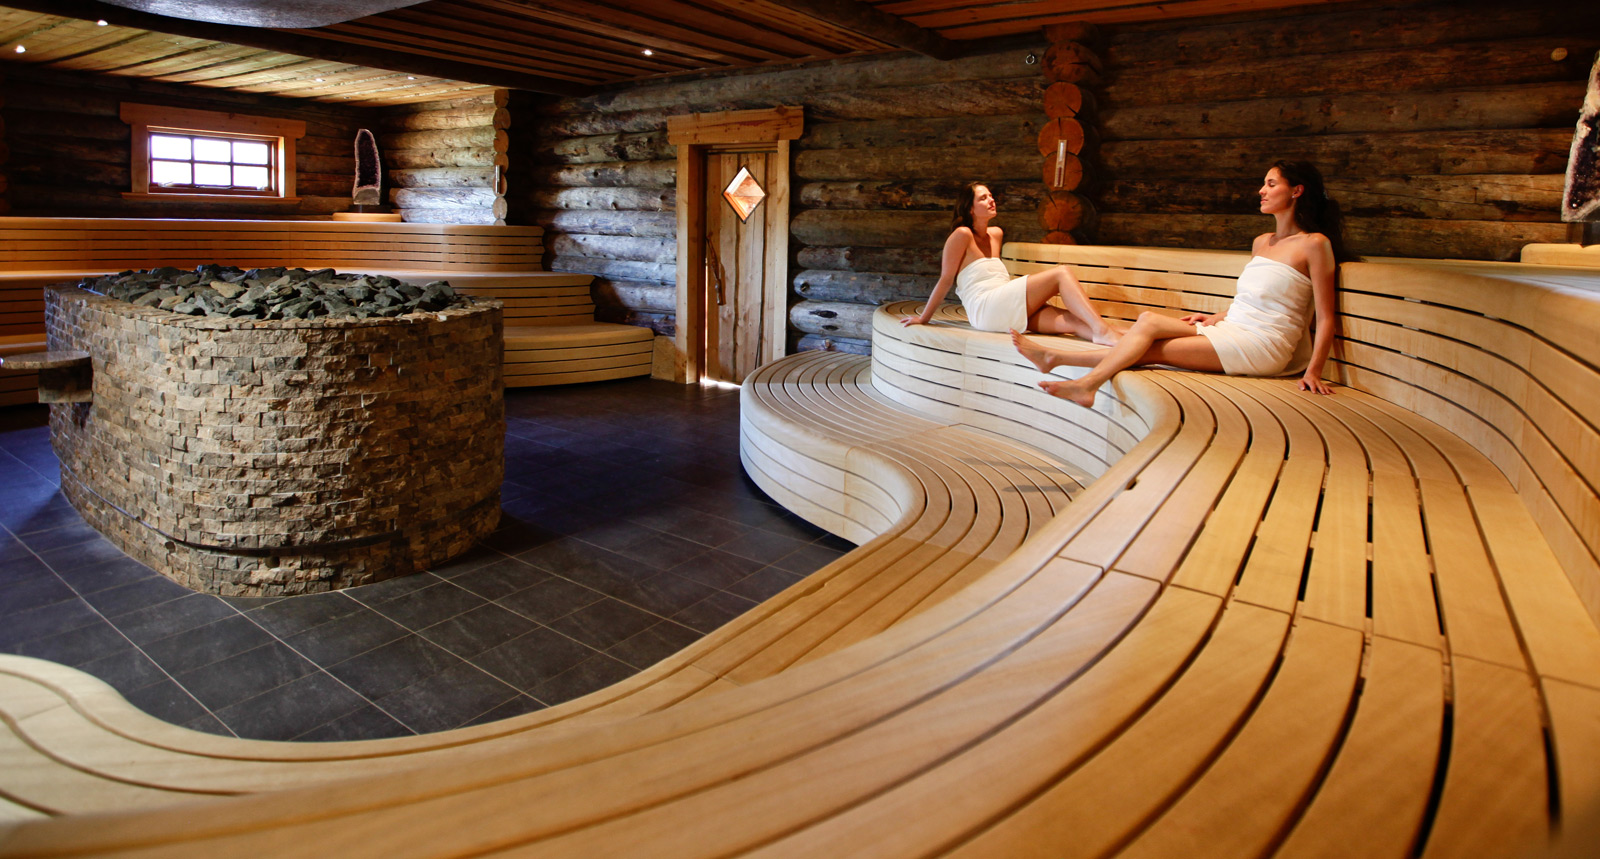 aufguss wm qualifikation in bussloo holland sauna magazin ratgeber f r ihren wellness. Black Bedroom Furniture Sets. Home Design Ideas